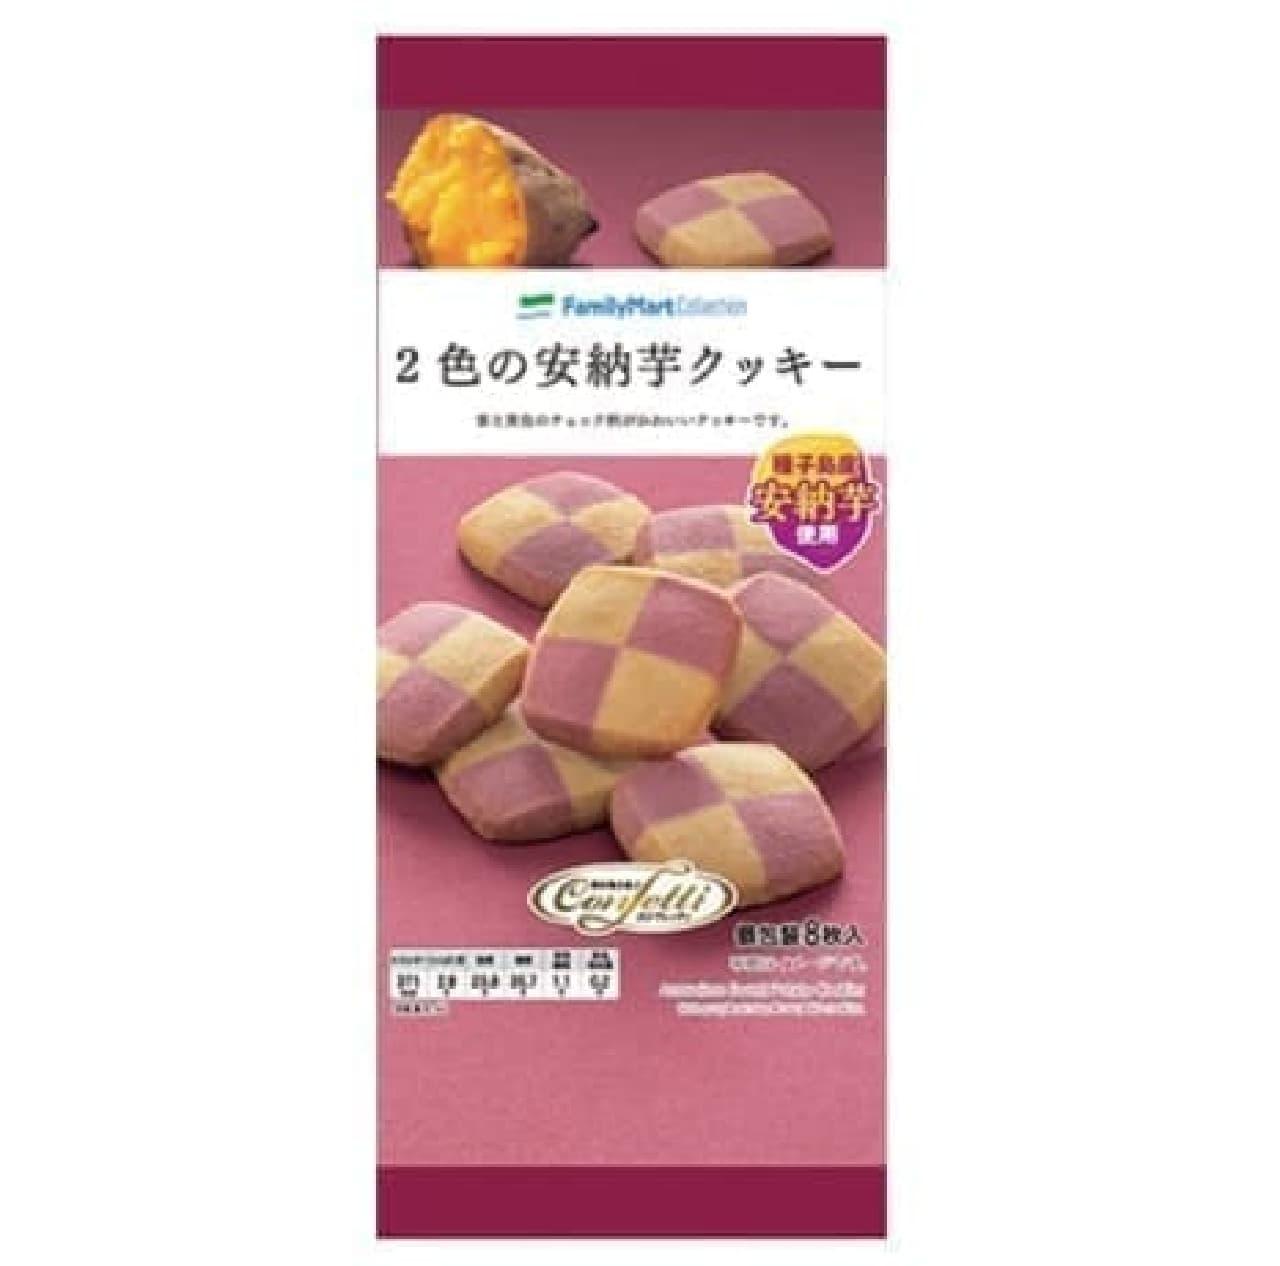 ファミリーマート「2色の安納芋クッキー」